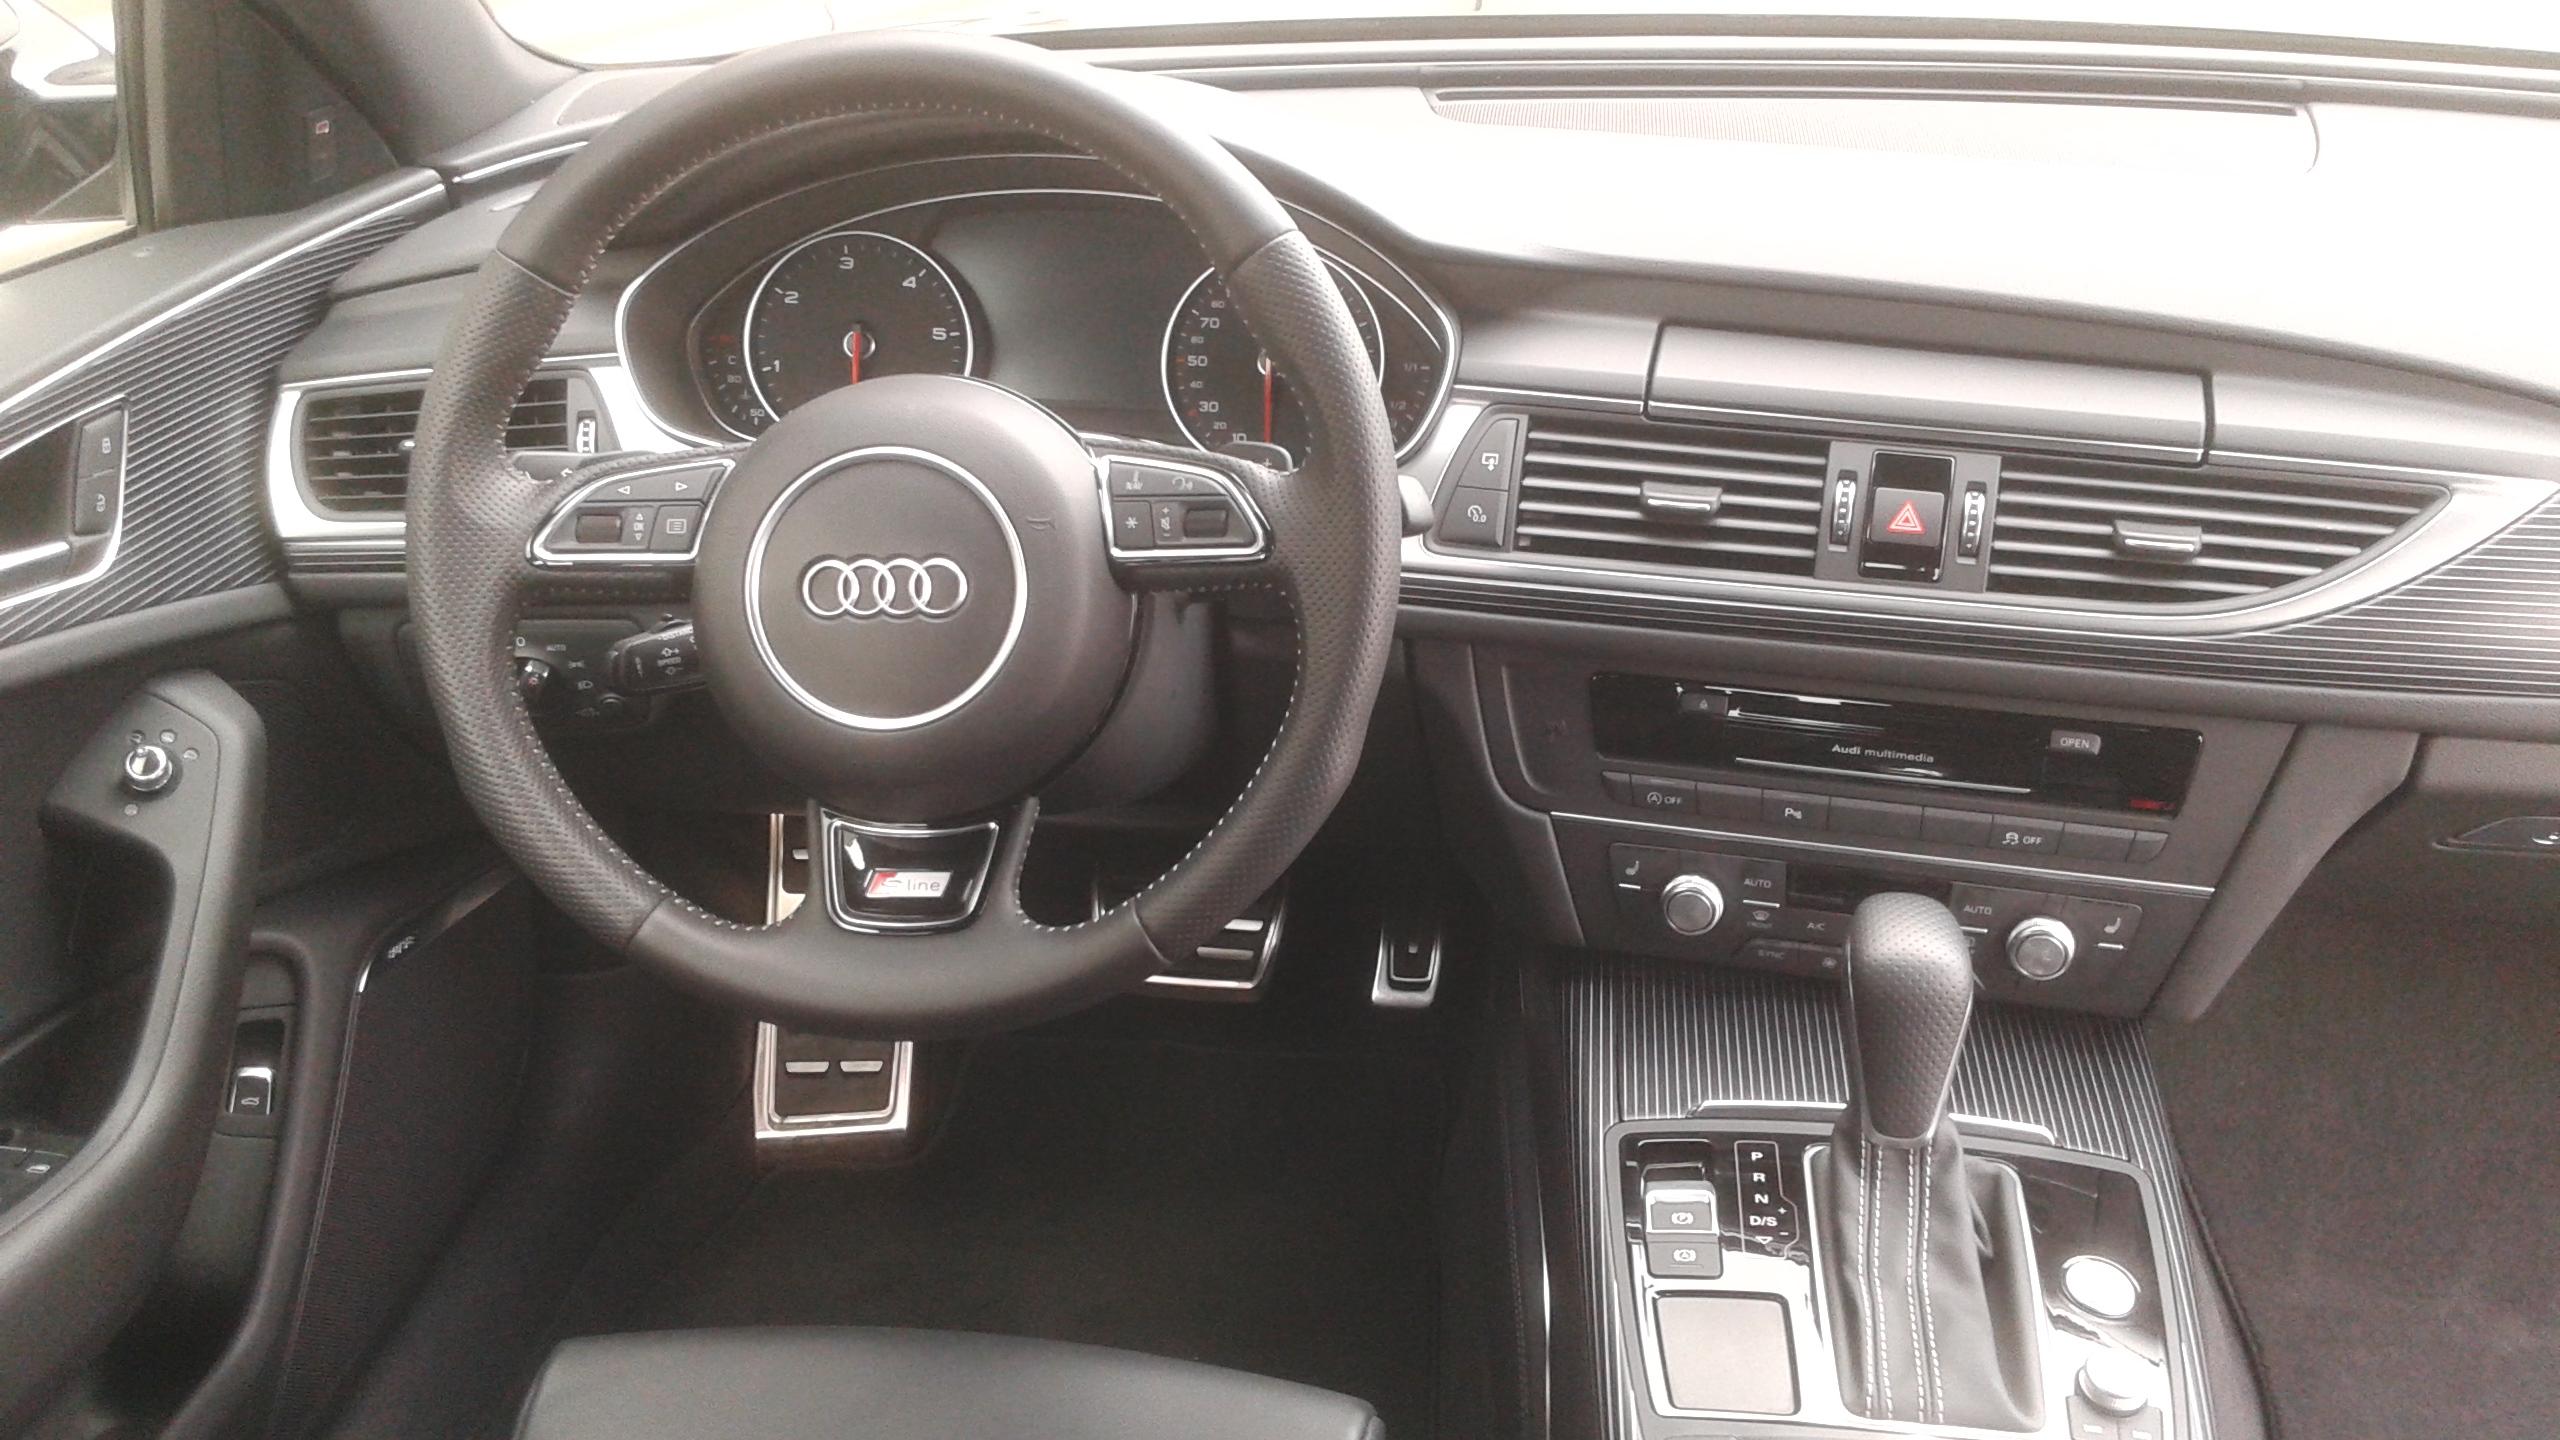 Kelebihan Kekurangan Audi V6T Tangguh